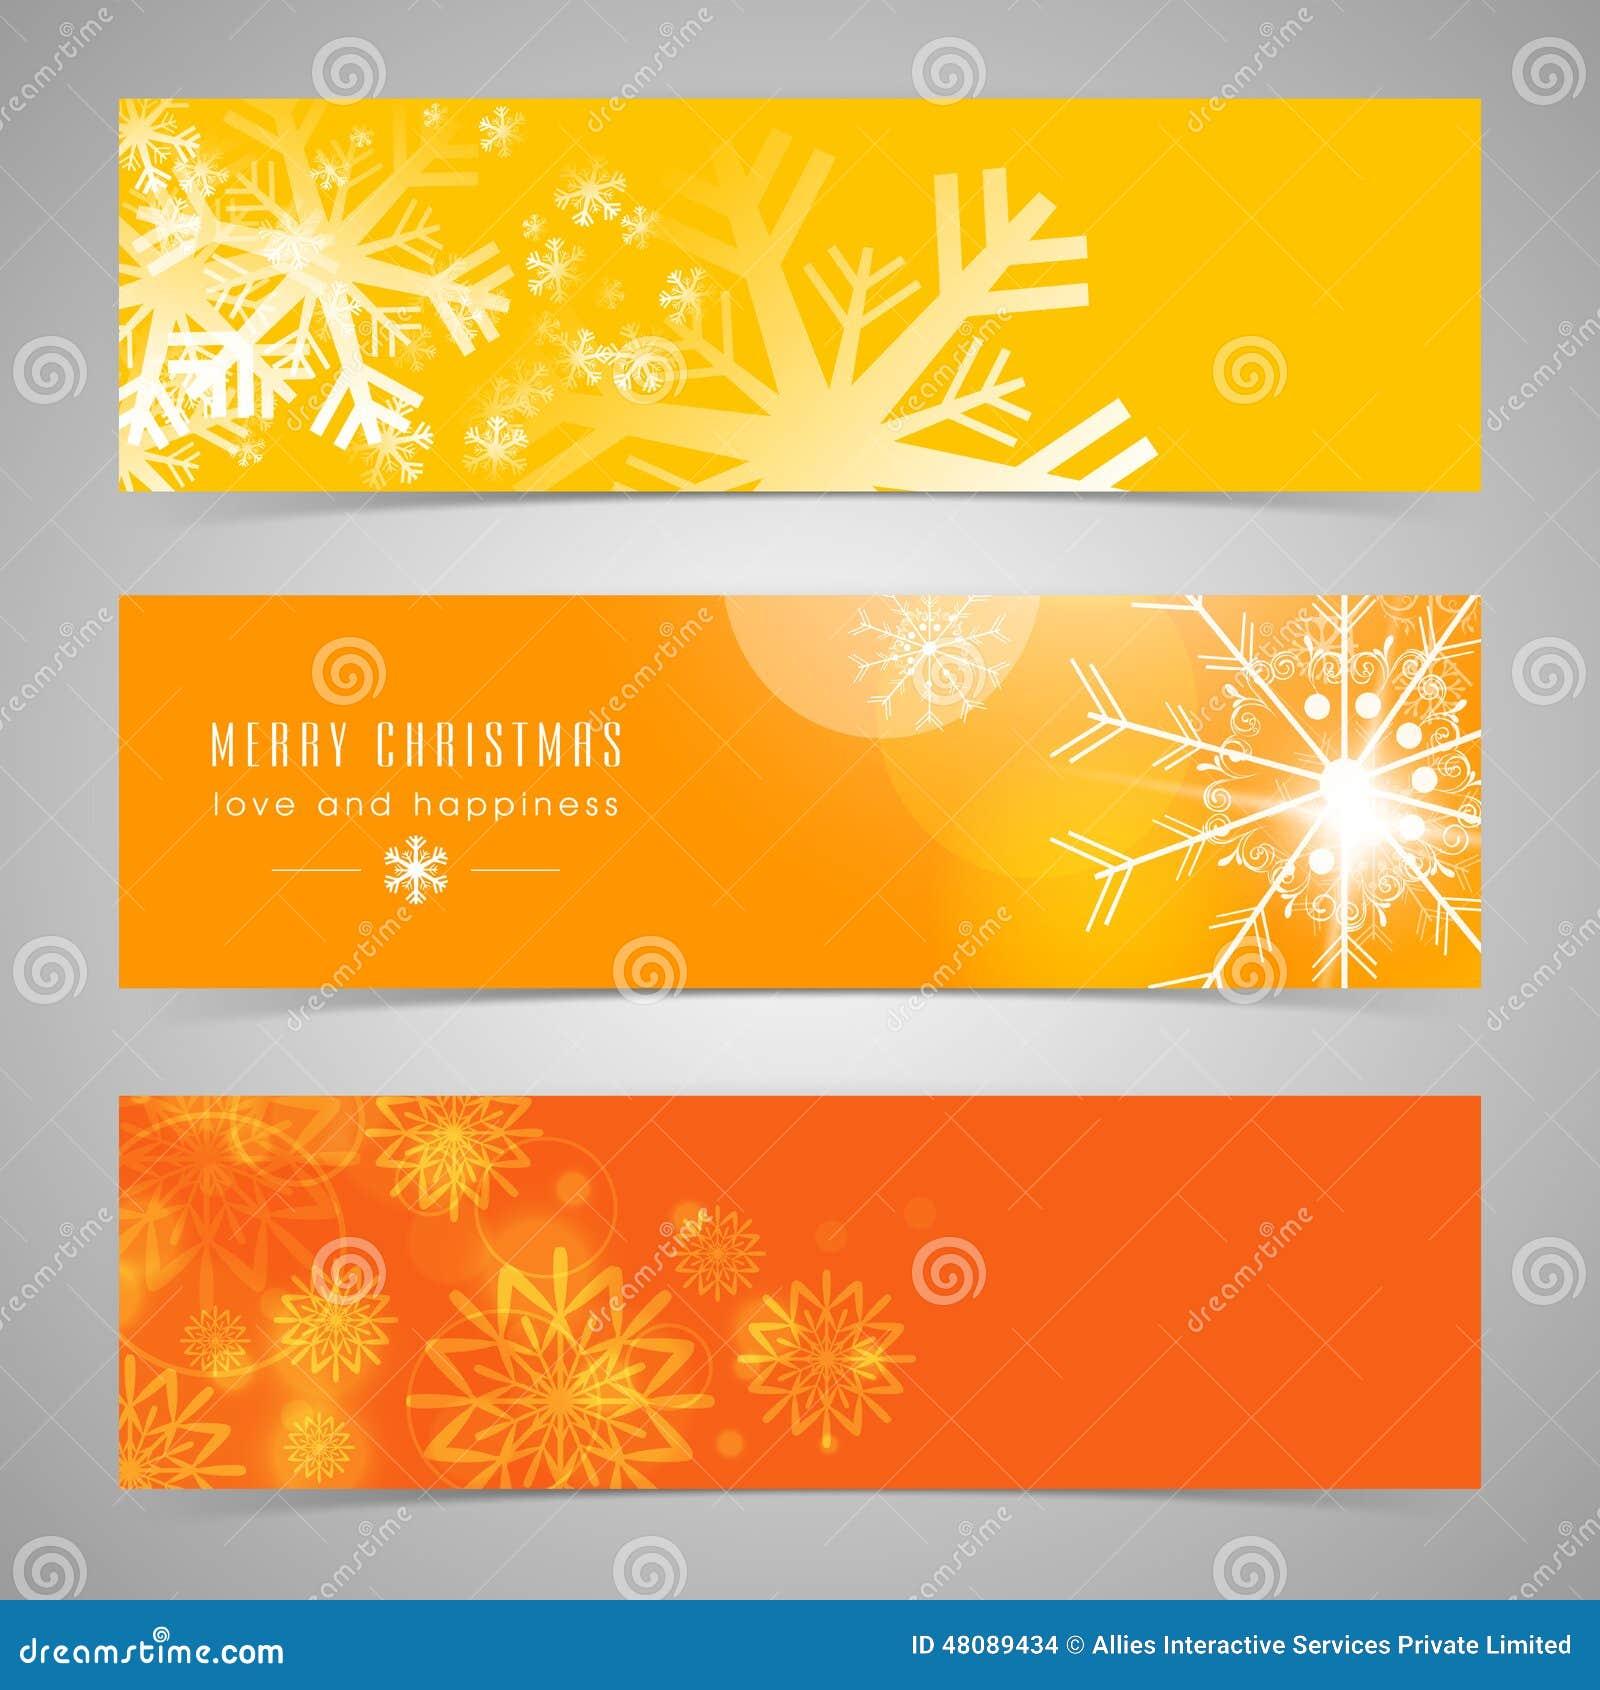 Van de Webkopbal of banner ontwerp voor Vrolijke Kerstmisviering